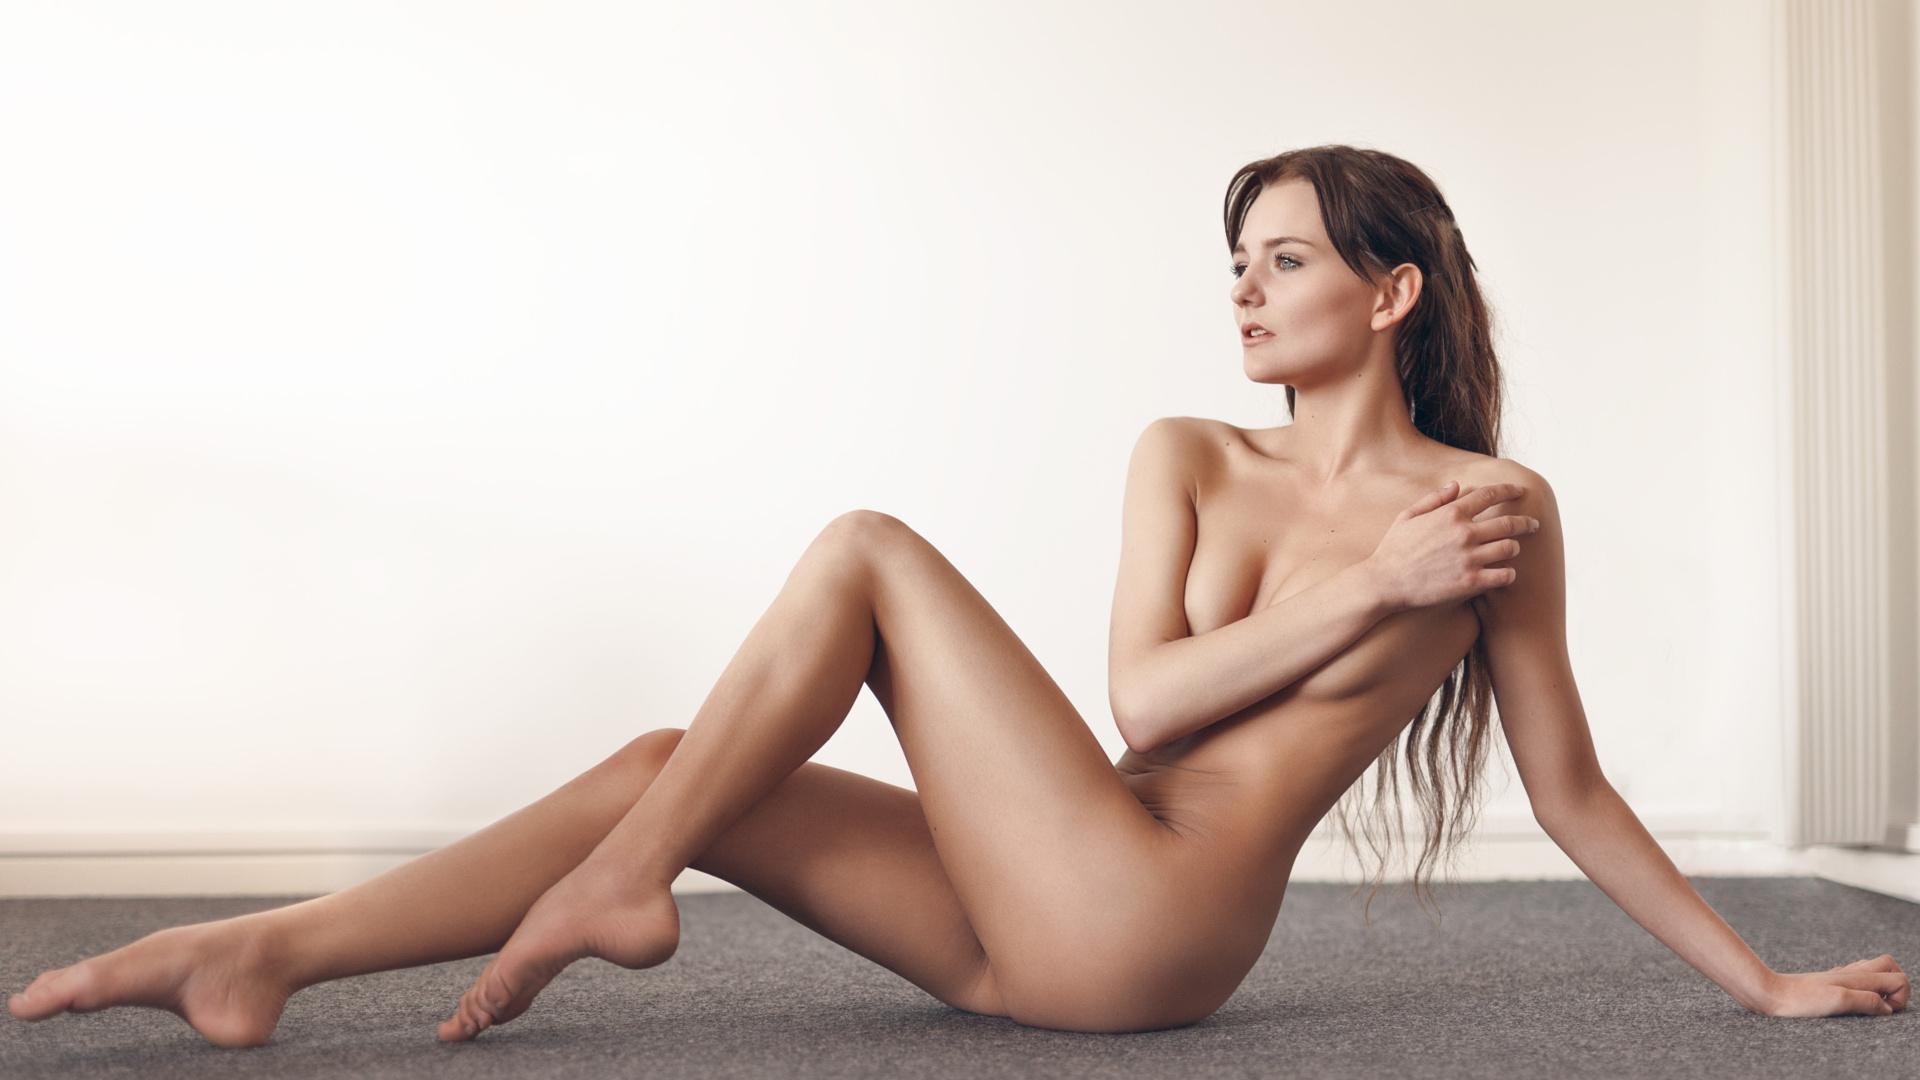 Nirosha full nude